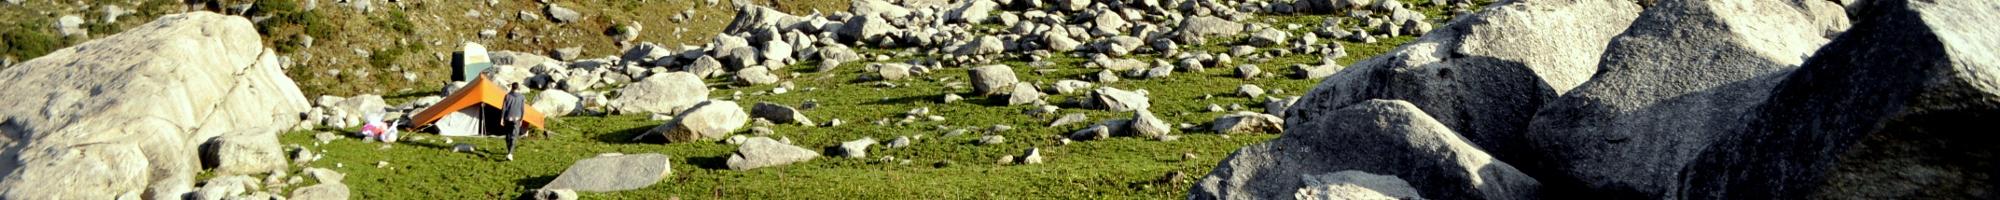 https://www.intakt-reisen.de/wp-content/themes/intakt-reisen-de/img/slideshow/Bergtrekking im Himalaya